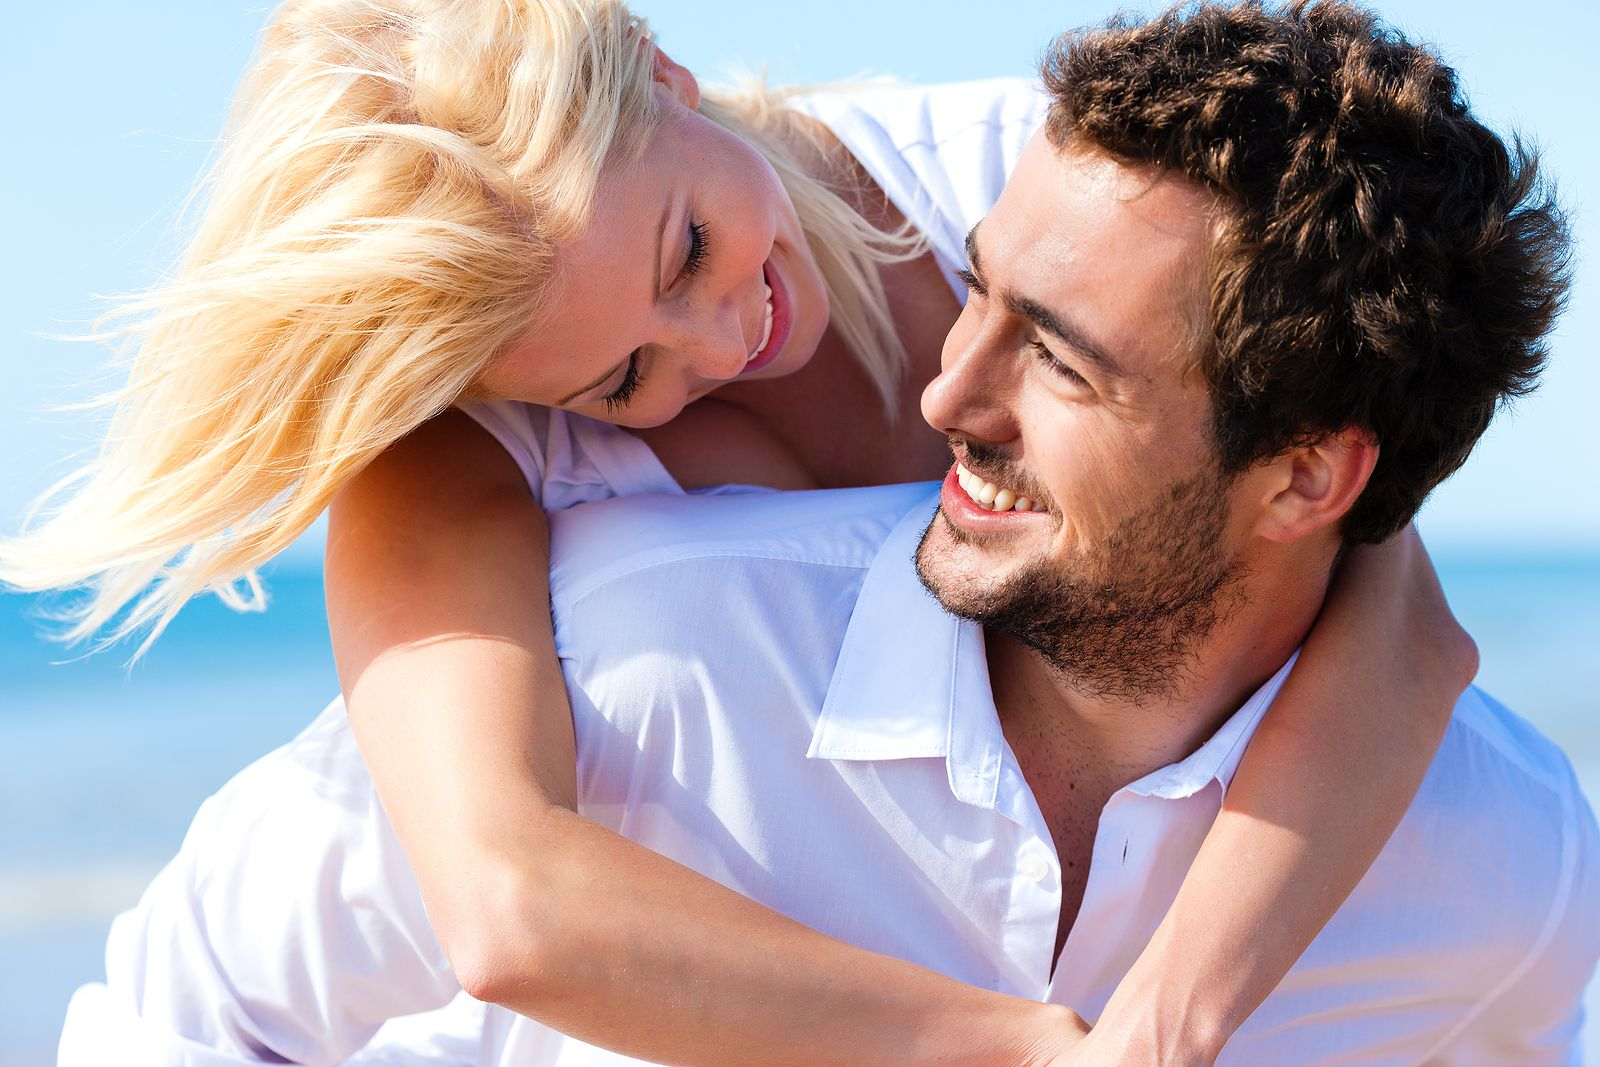 فوائد الرمان لعزيز الصحة الجنسية